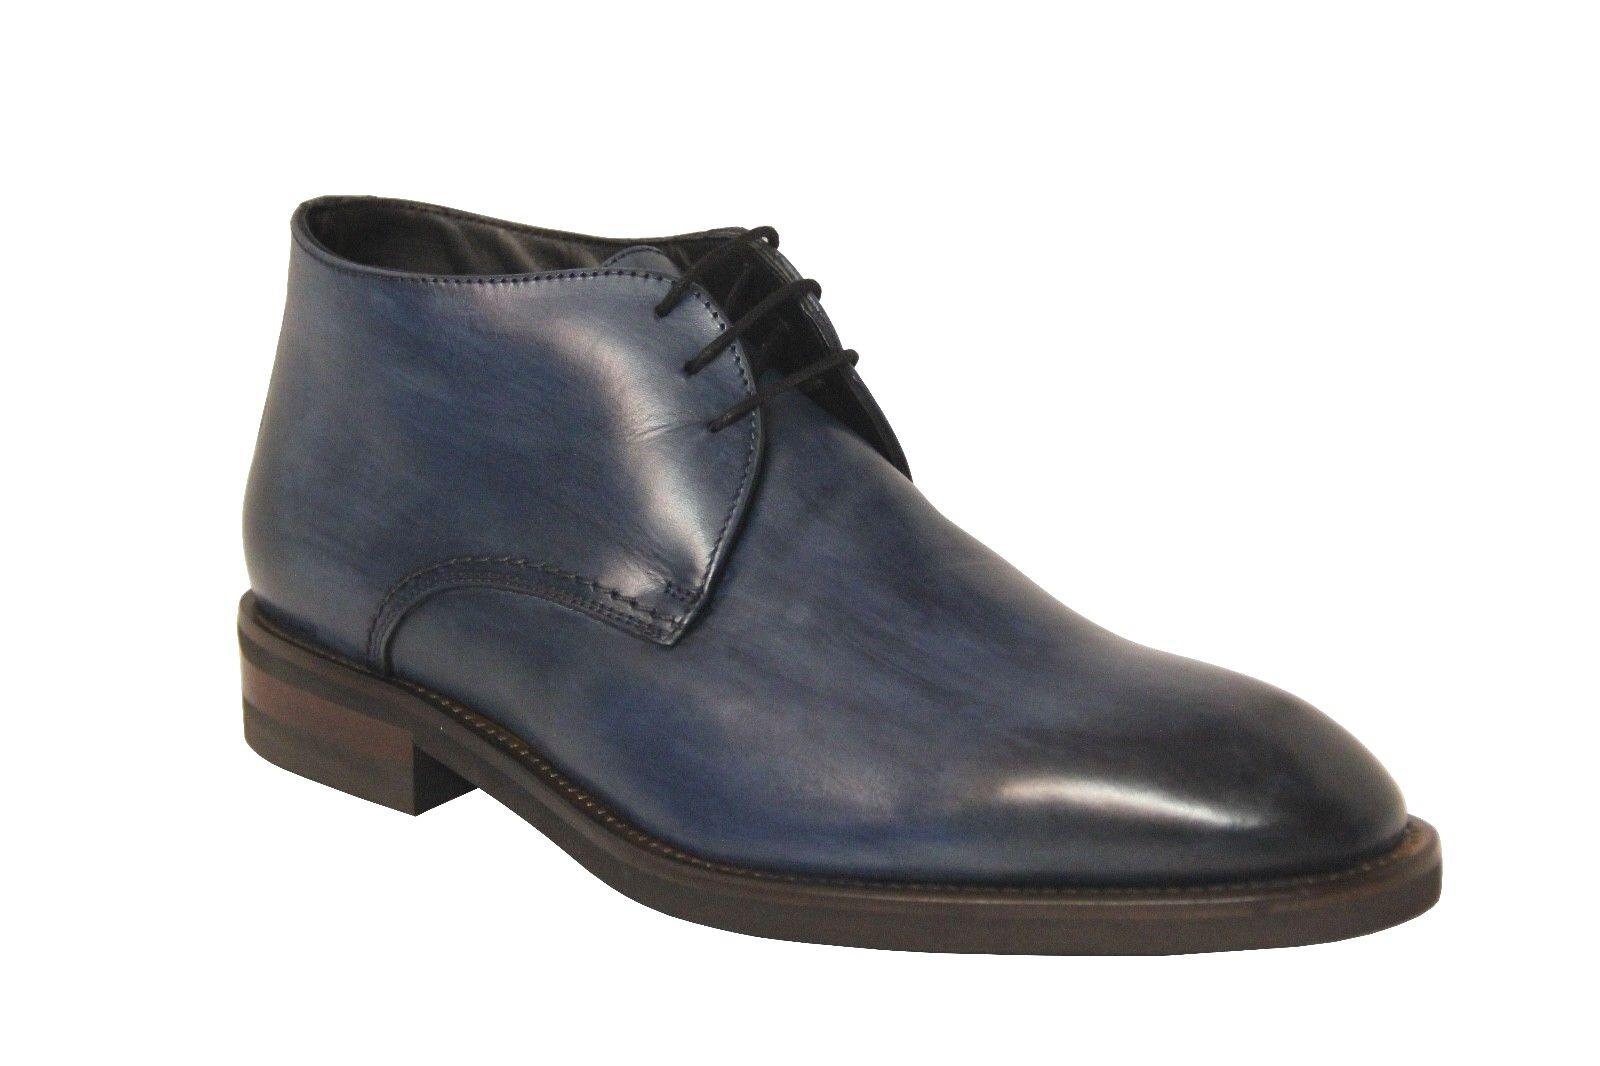 Calzoleria Toscana Men's blu Leather Calfskin Chukka stivali Z988